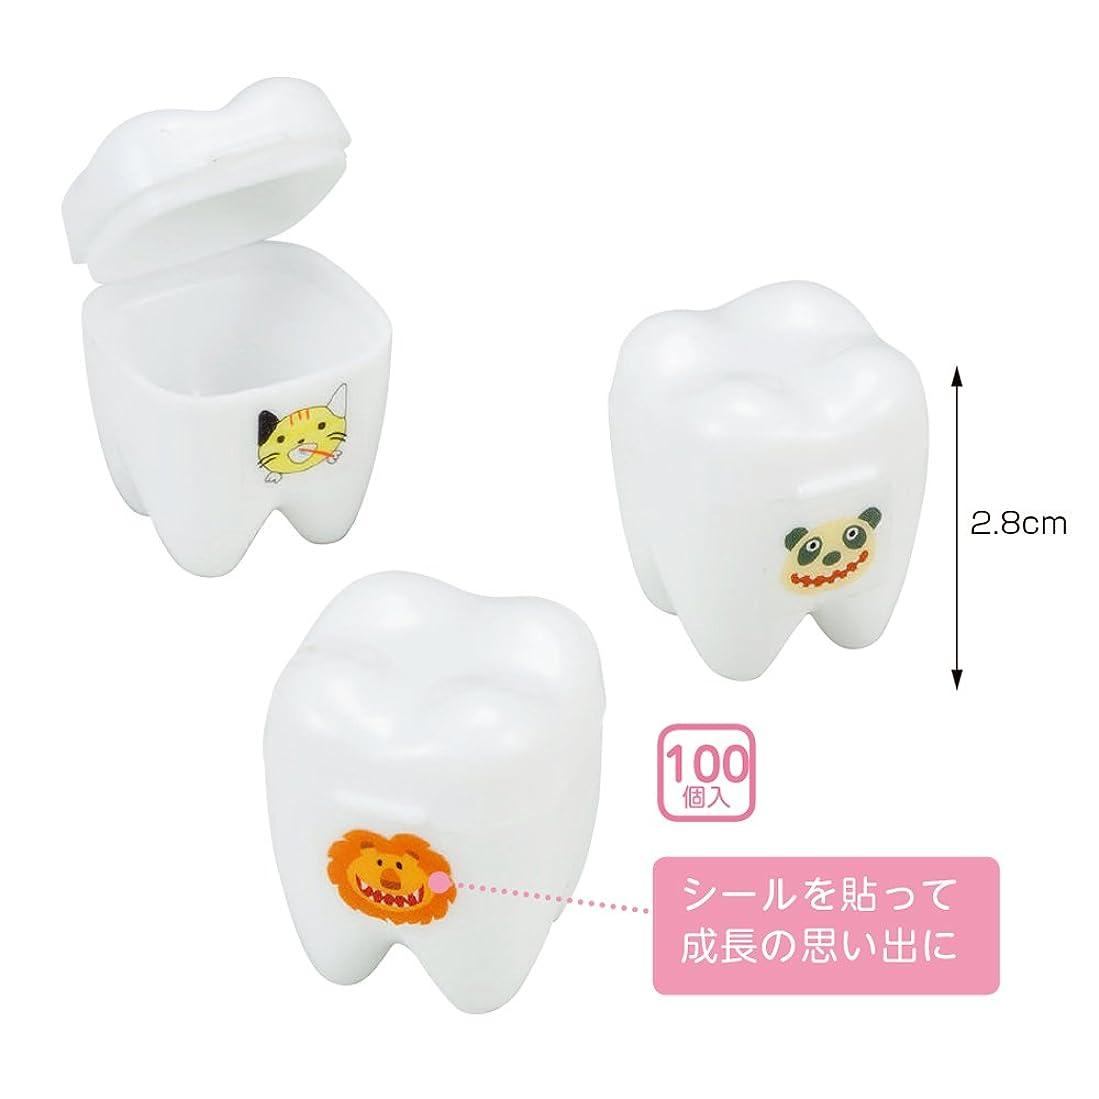 リダクタージョガーパスポート乳歯保存ケース 抜けた乳歯のメモリーケース(100個入)